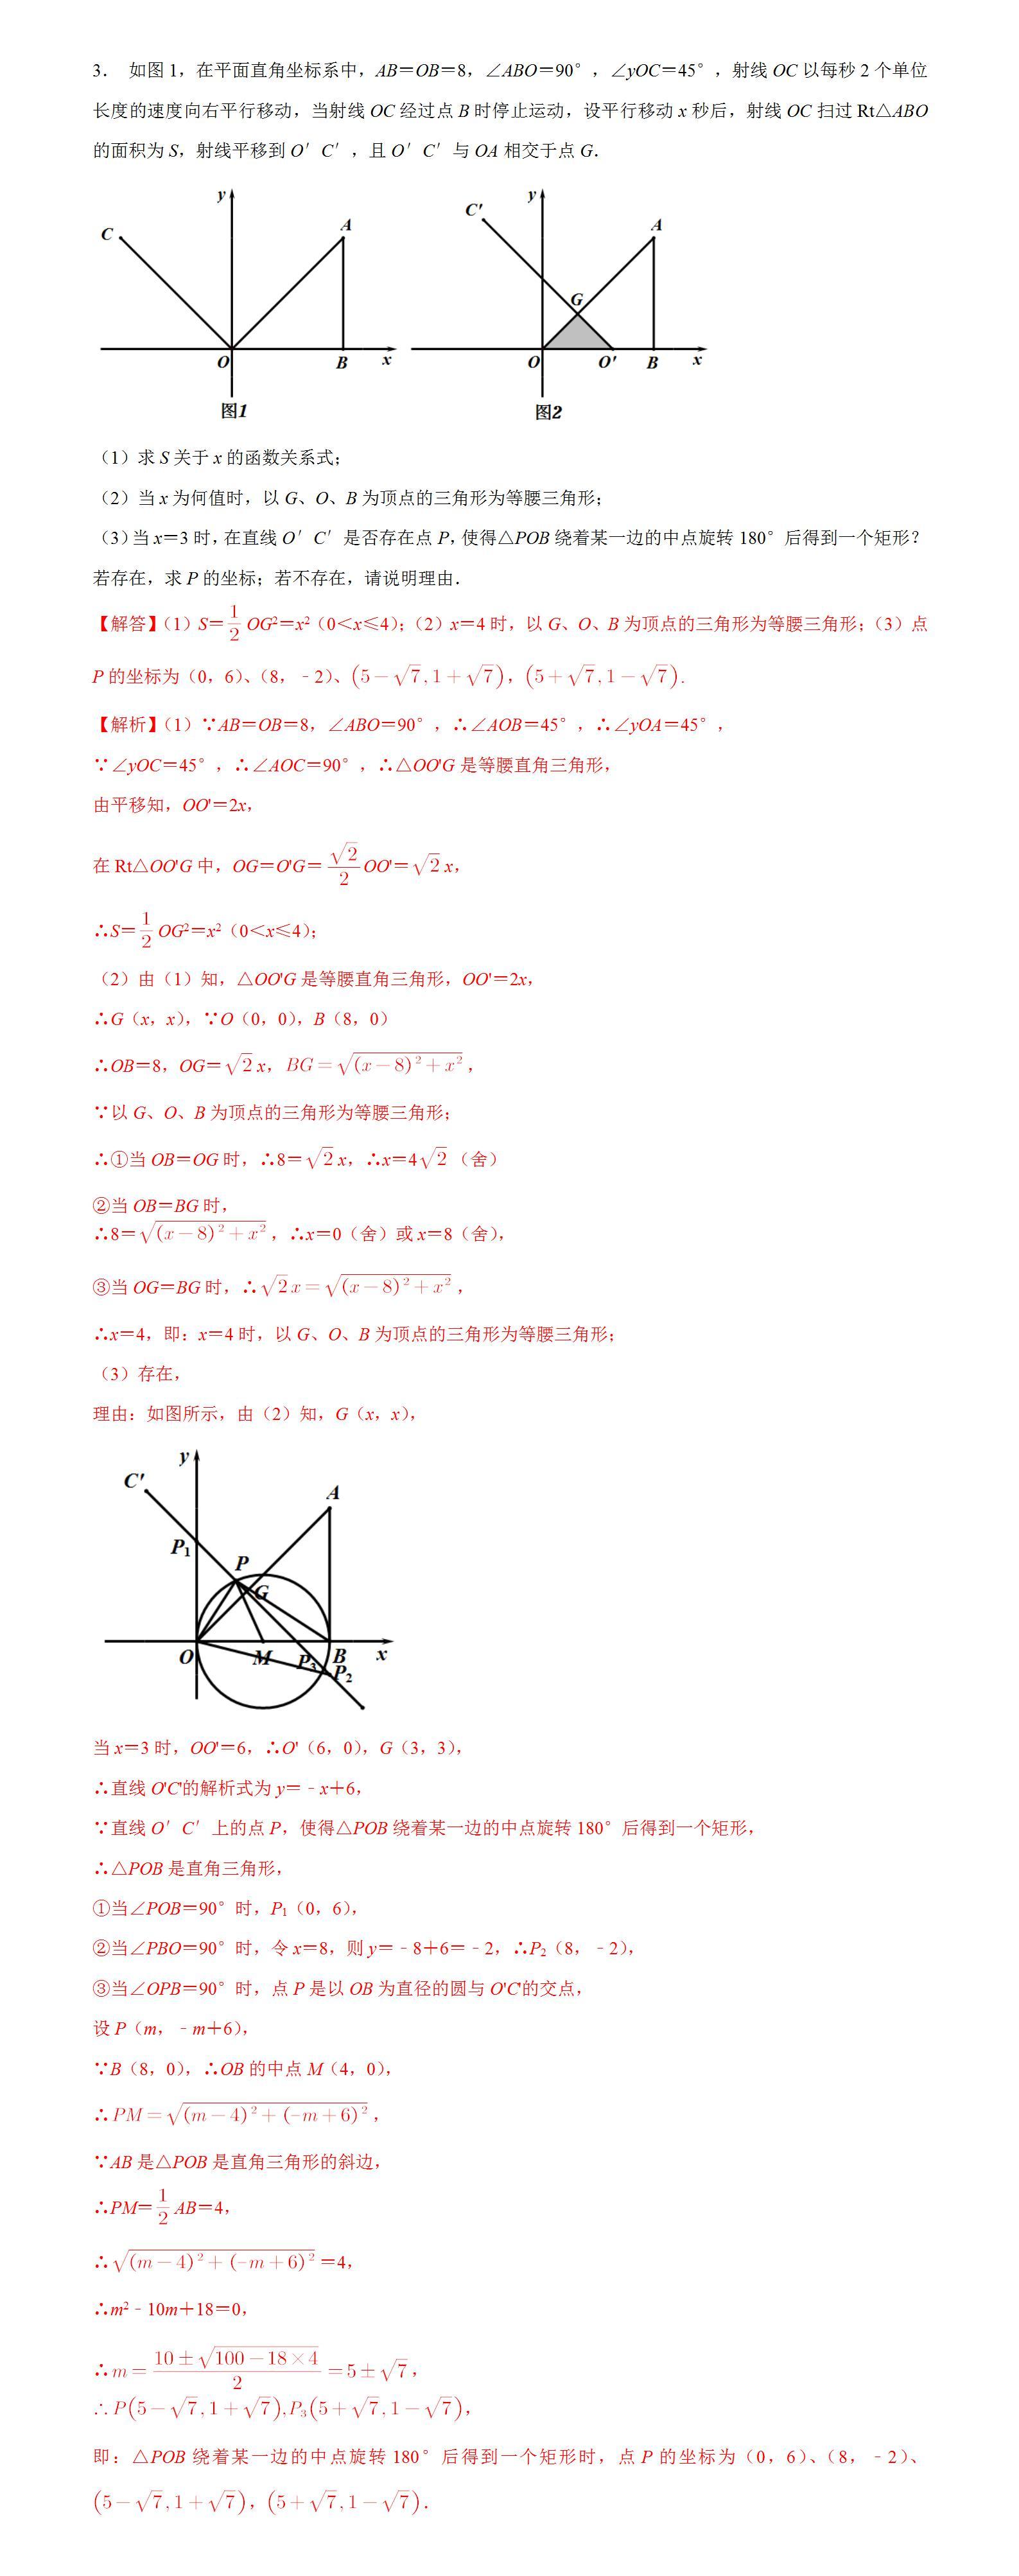 2020年初三数学矩形存在性问题巩固练习(提优)试题及答案(三)